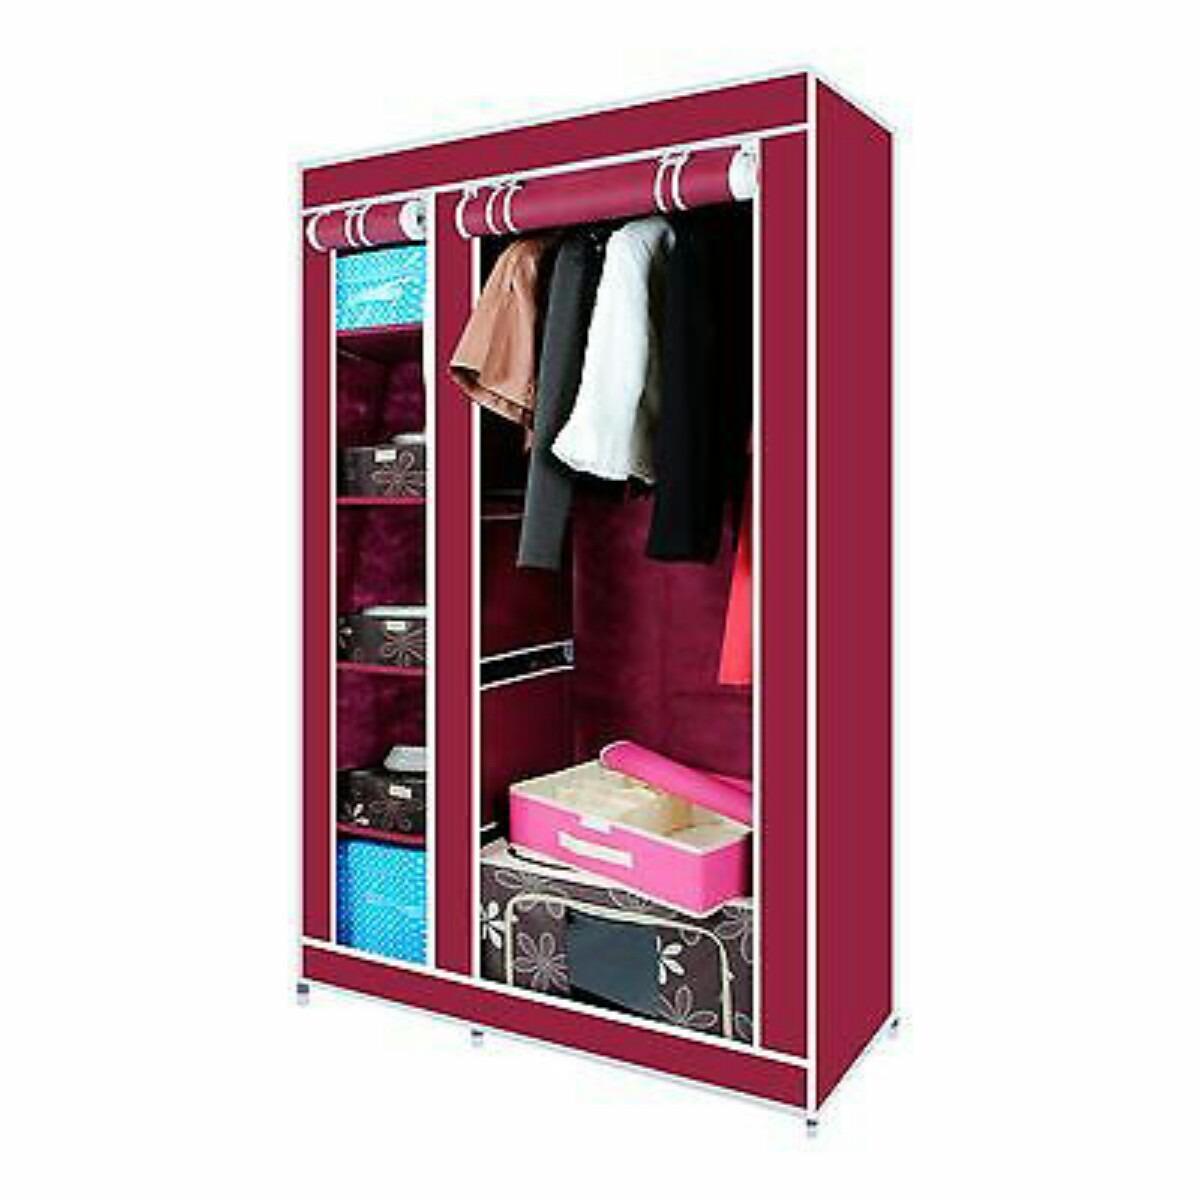 Mueble para ropa walmart - Estanteria para ropa ...